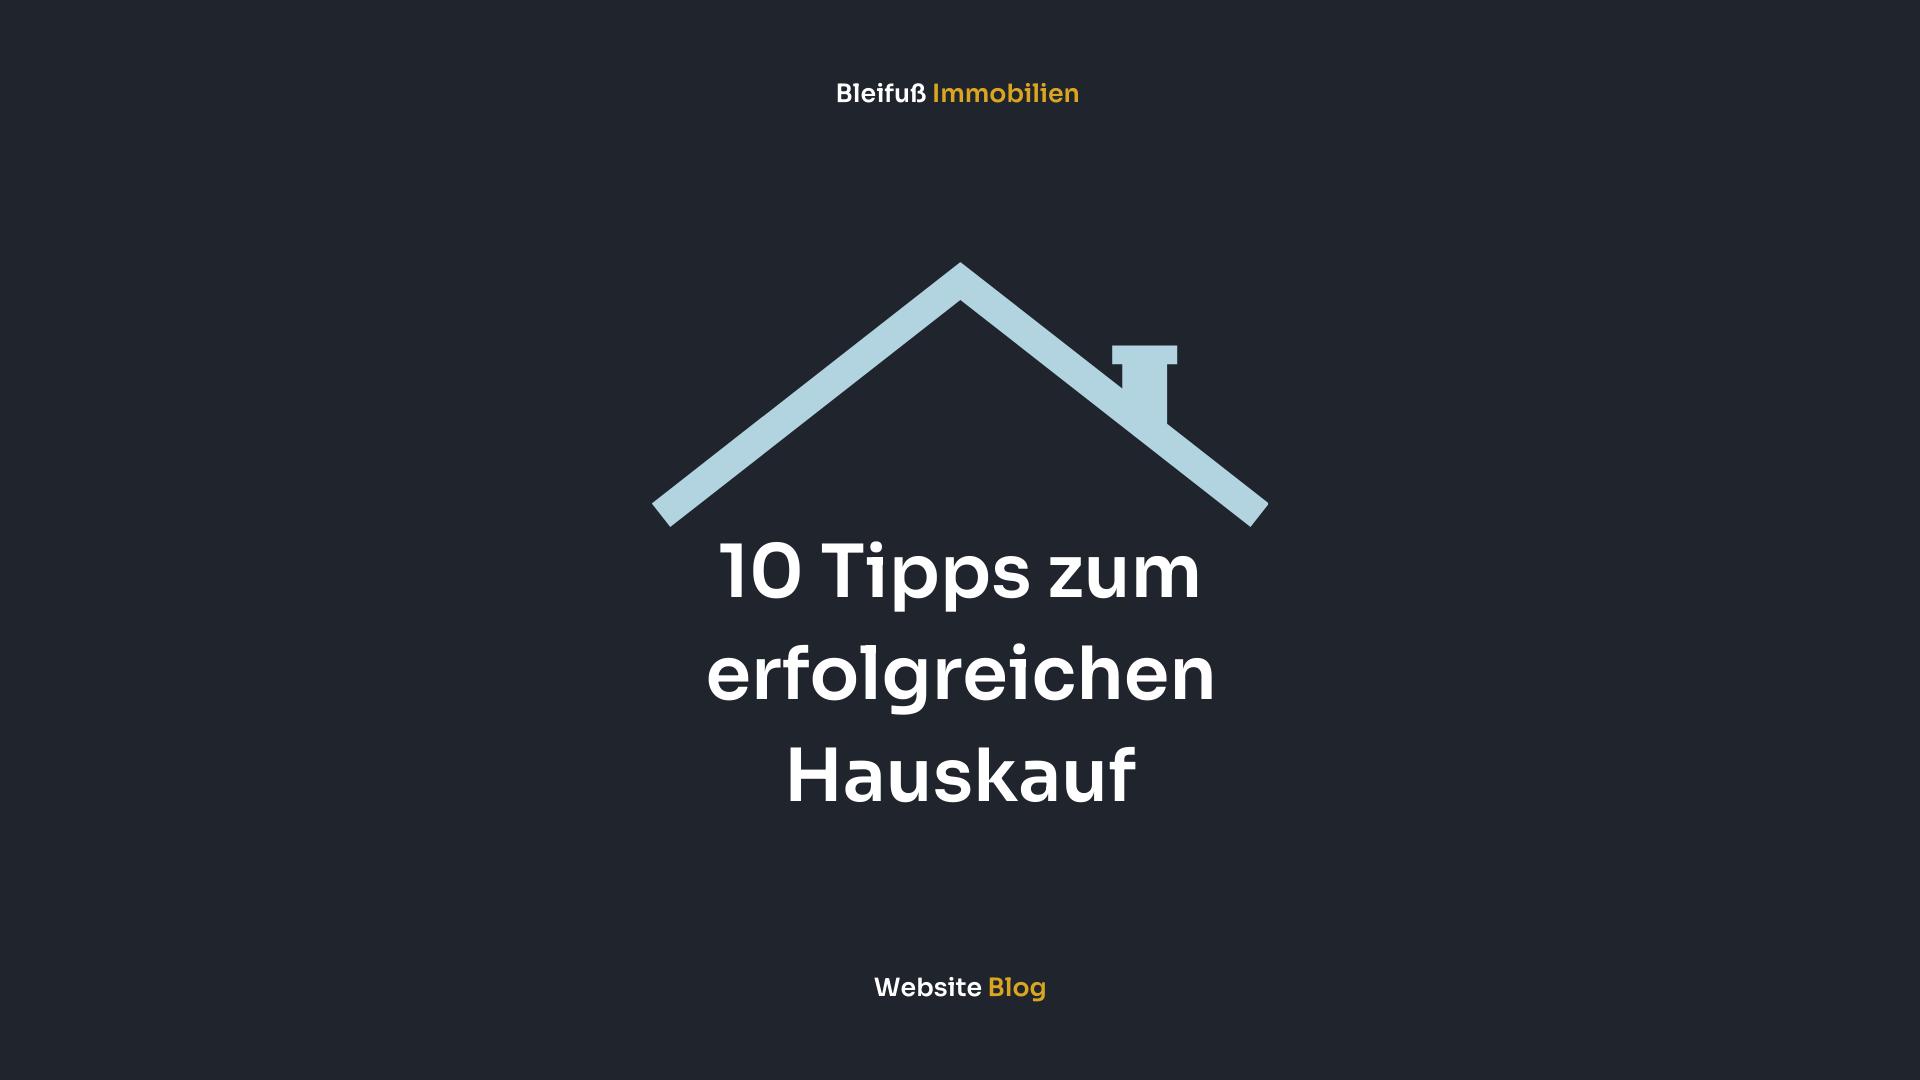 Wir geben Ihnen 10 Tipps zum erfolgreichen Hauskauf